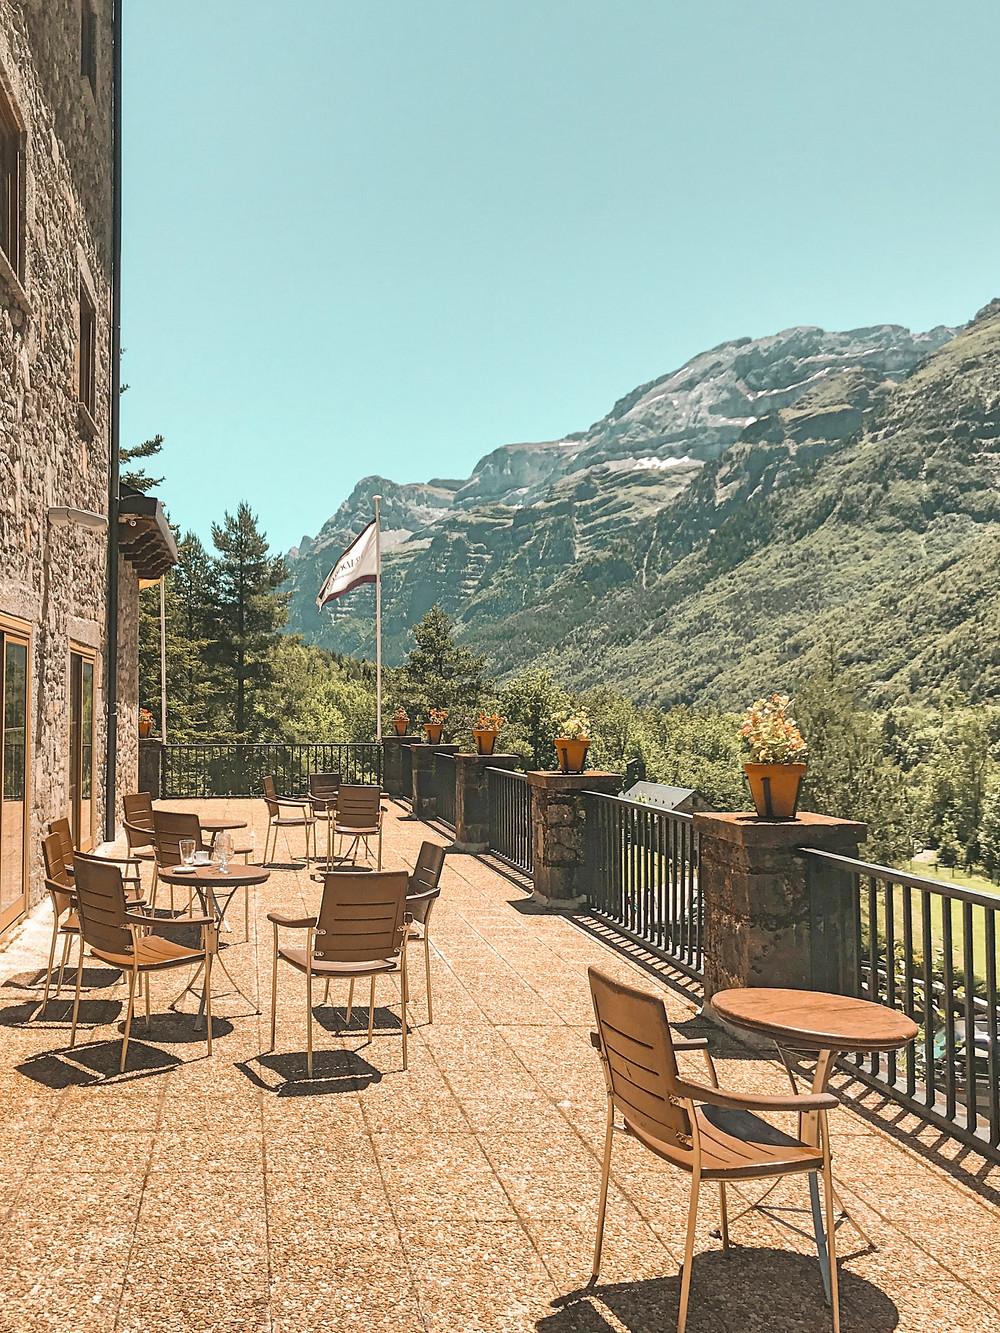 migas aragmontaña, parador, restaurante, naturaleza, vistas, terraza